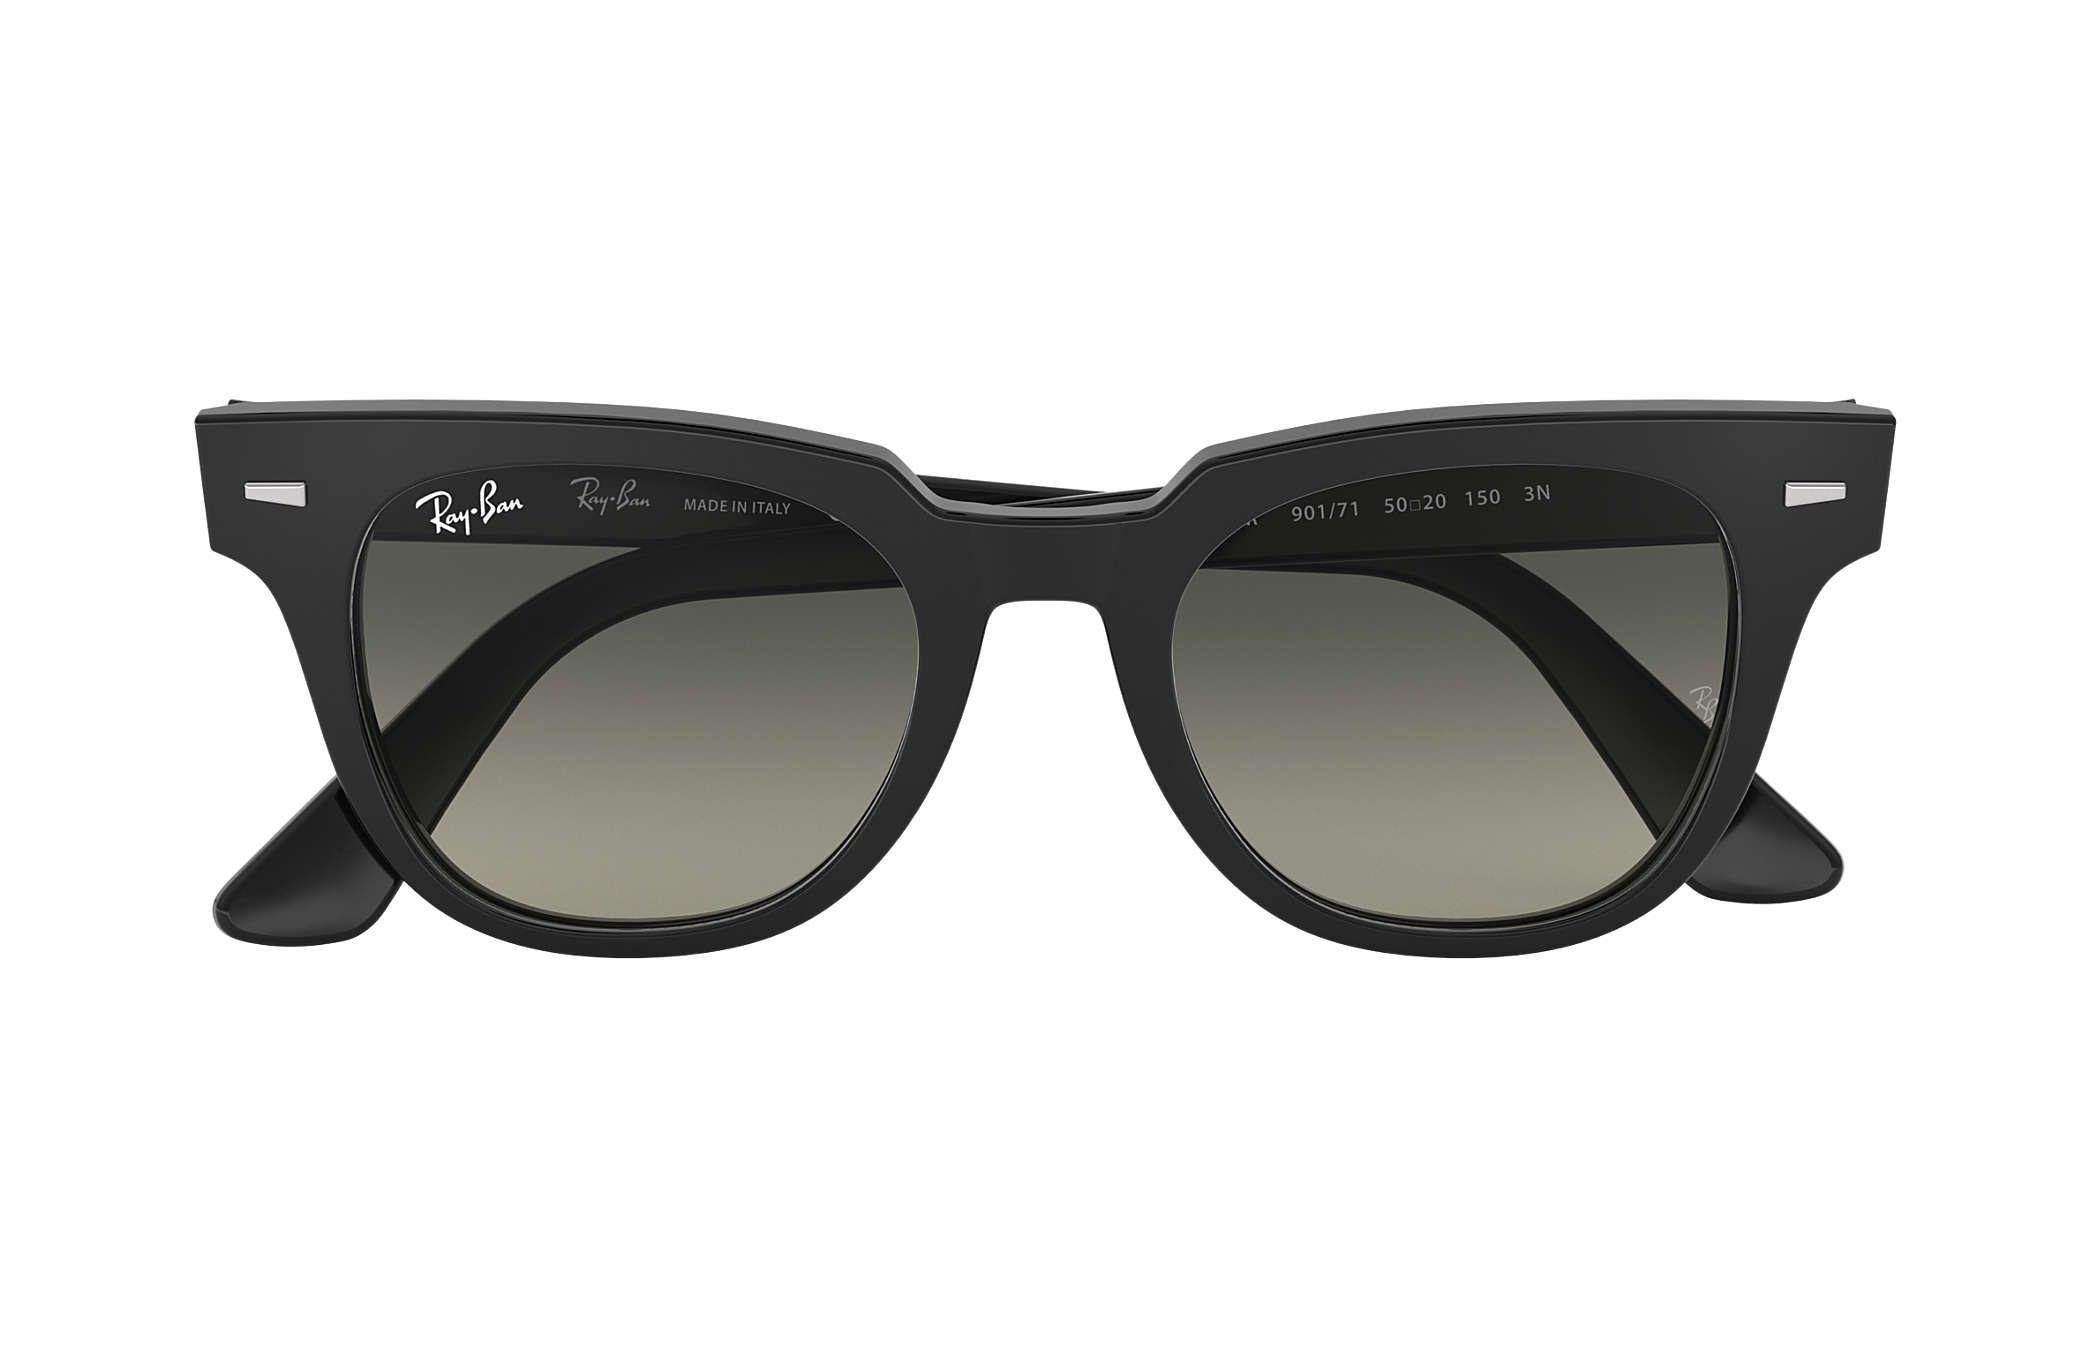 47972c2f40e0a Ray-Ban Meteor Sunglasses Black Grey Gradient !